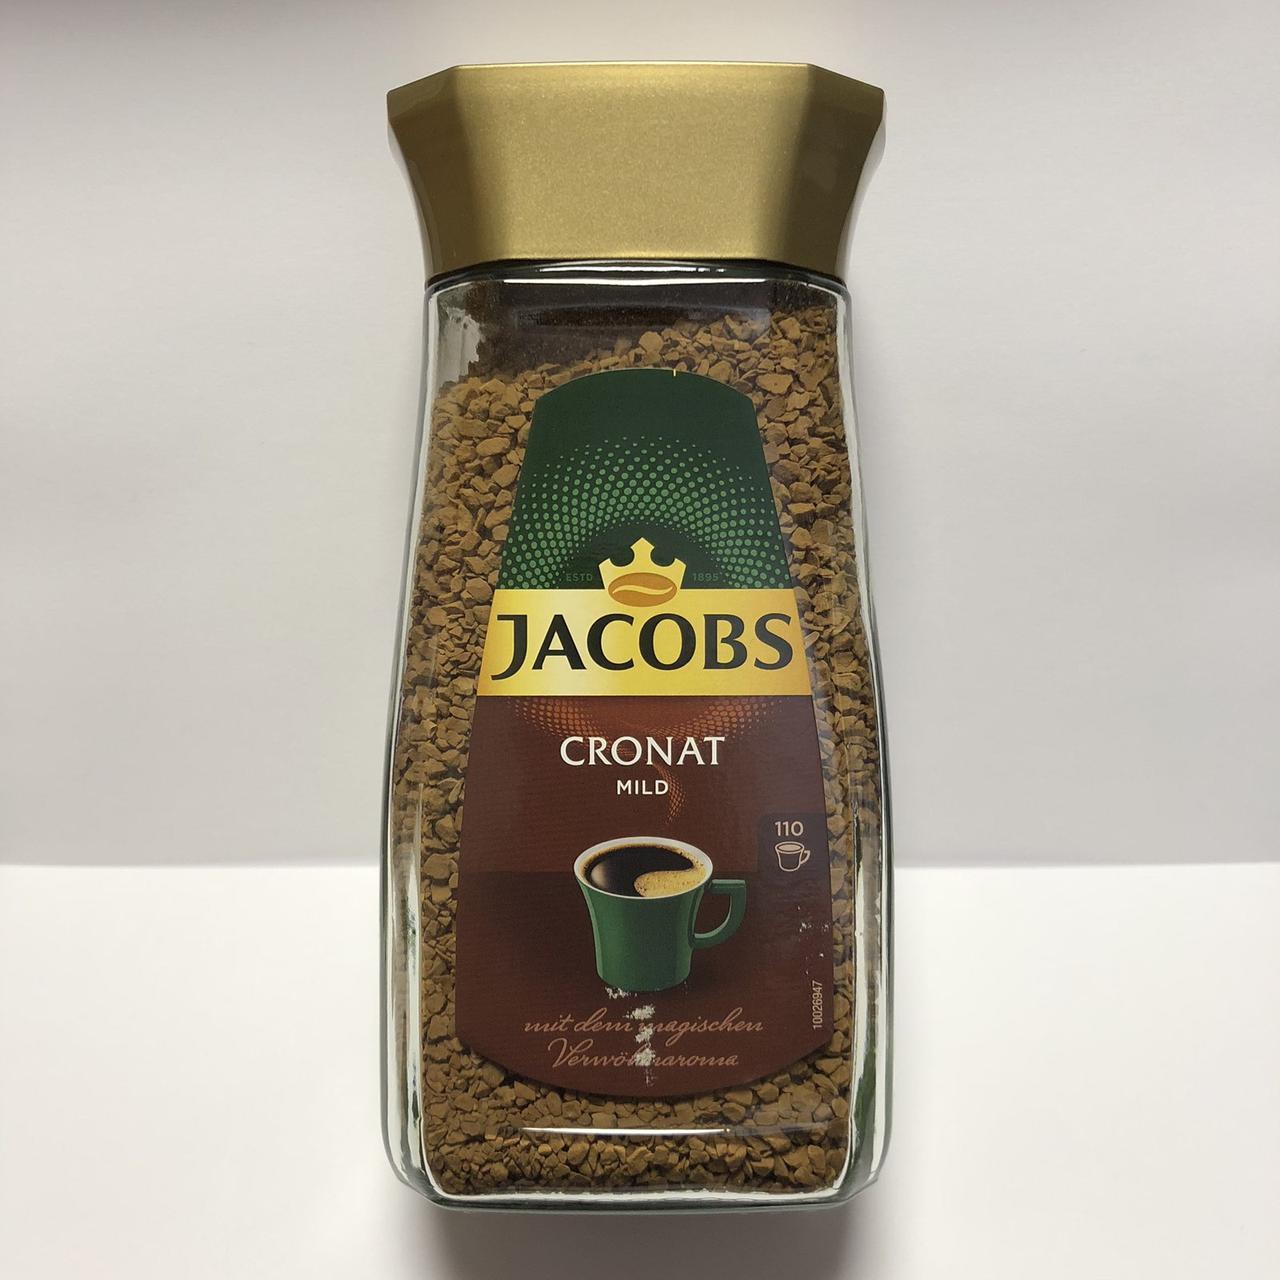 Кофе растворимый Jacobs Cronat mild, 200 г.